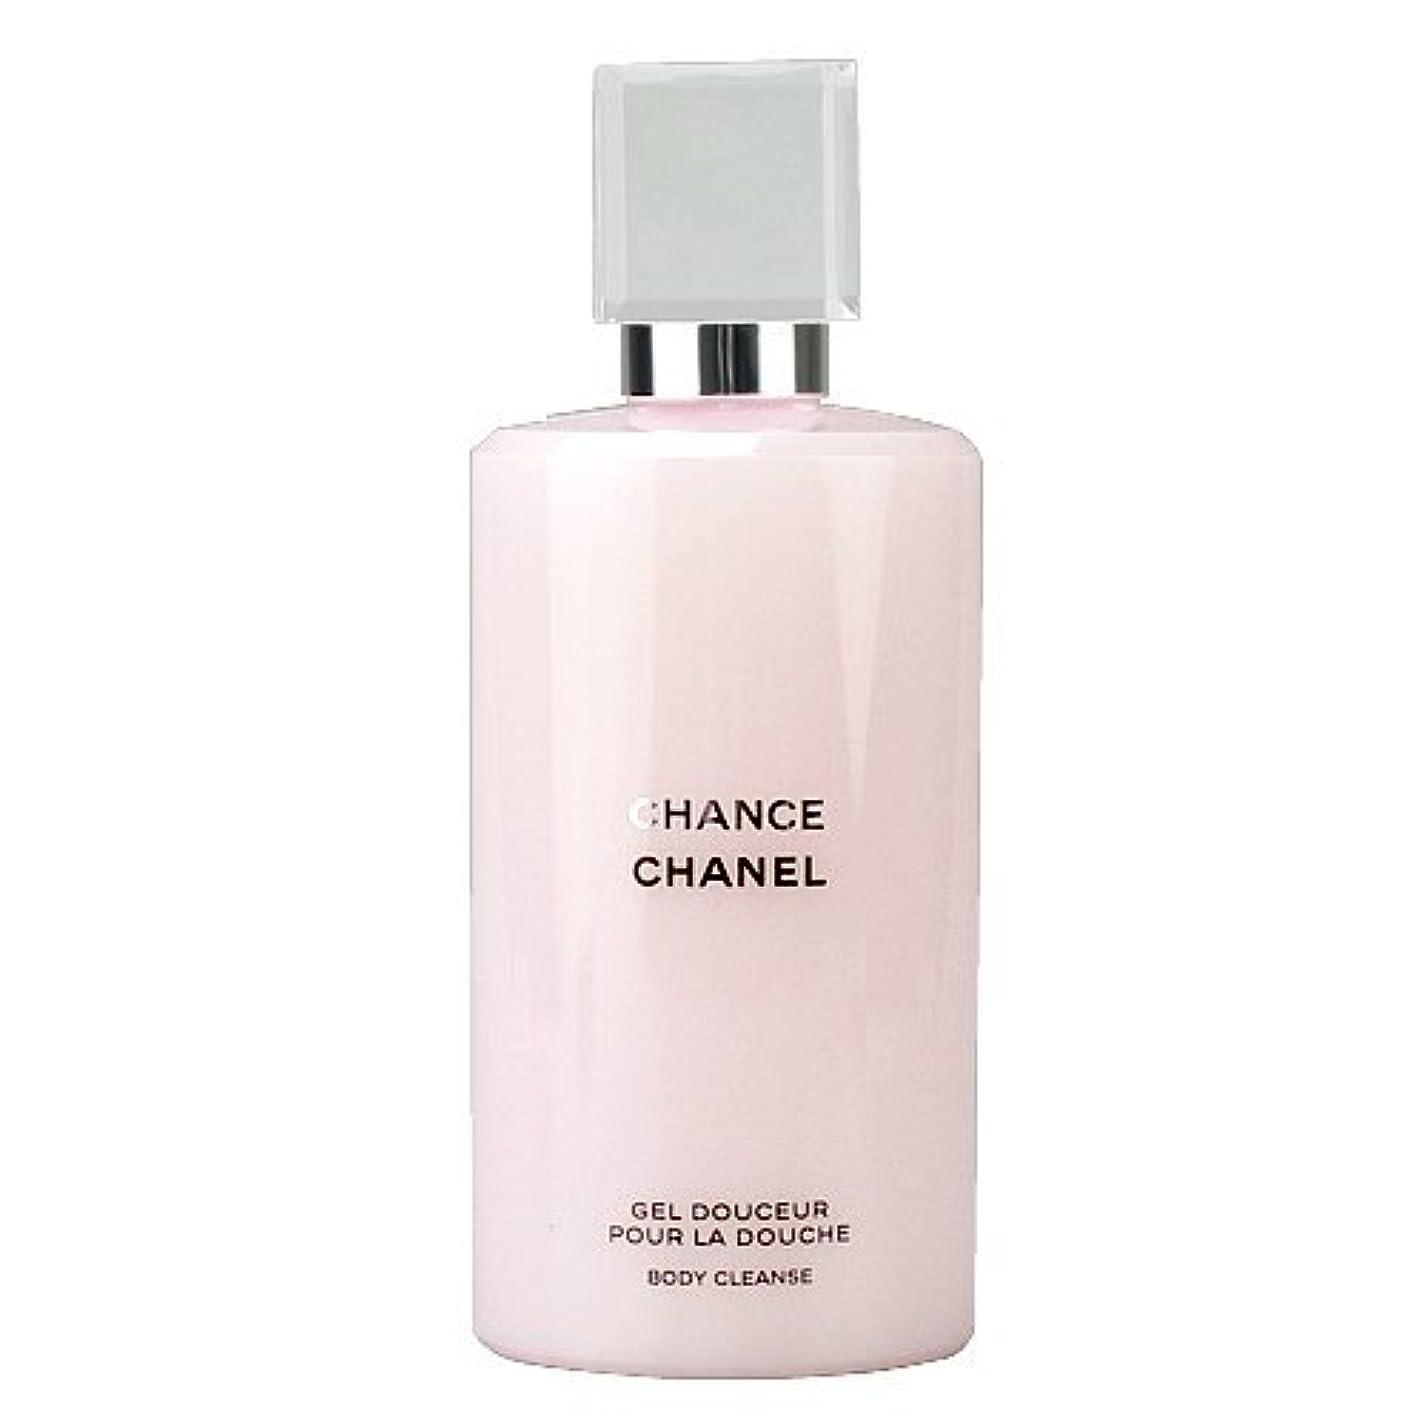 どちらもリベラル発表するシャネル CHANEL チャンス ボディ クレンズ (スウィートシャワージェル) 200ml fs 【並行輸入品】